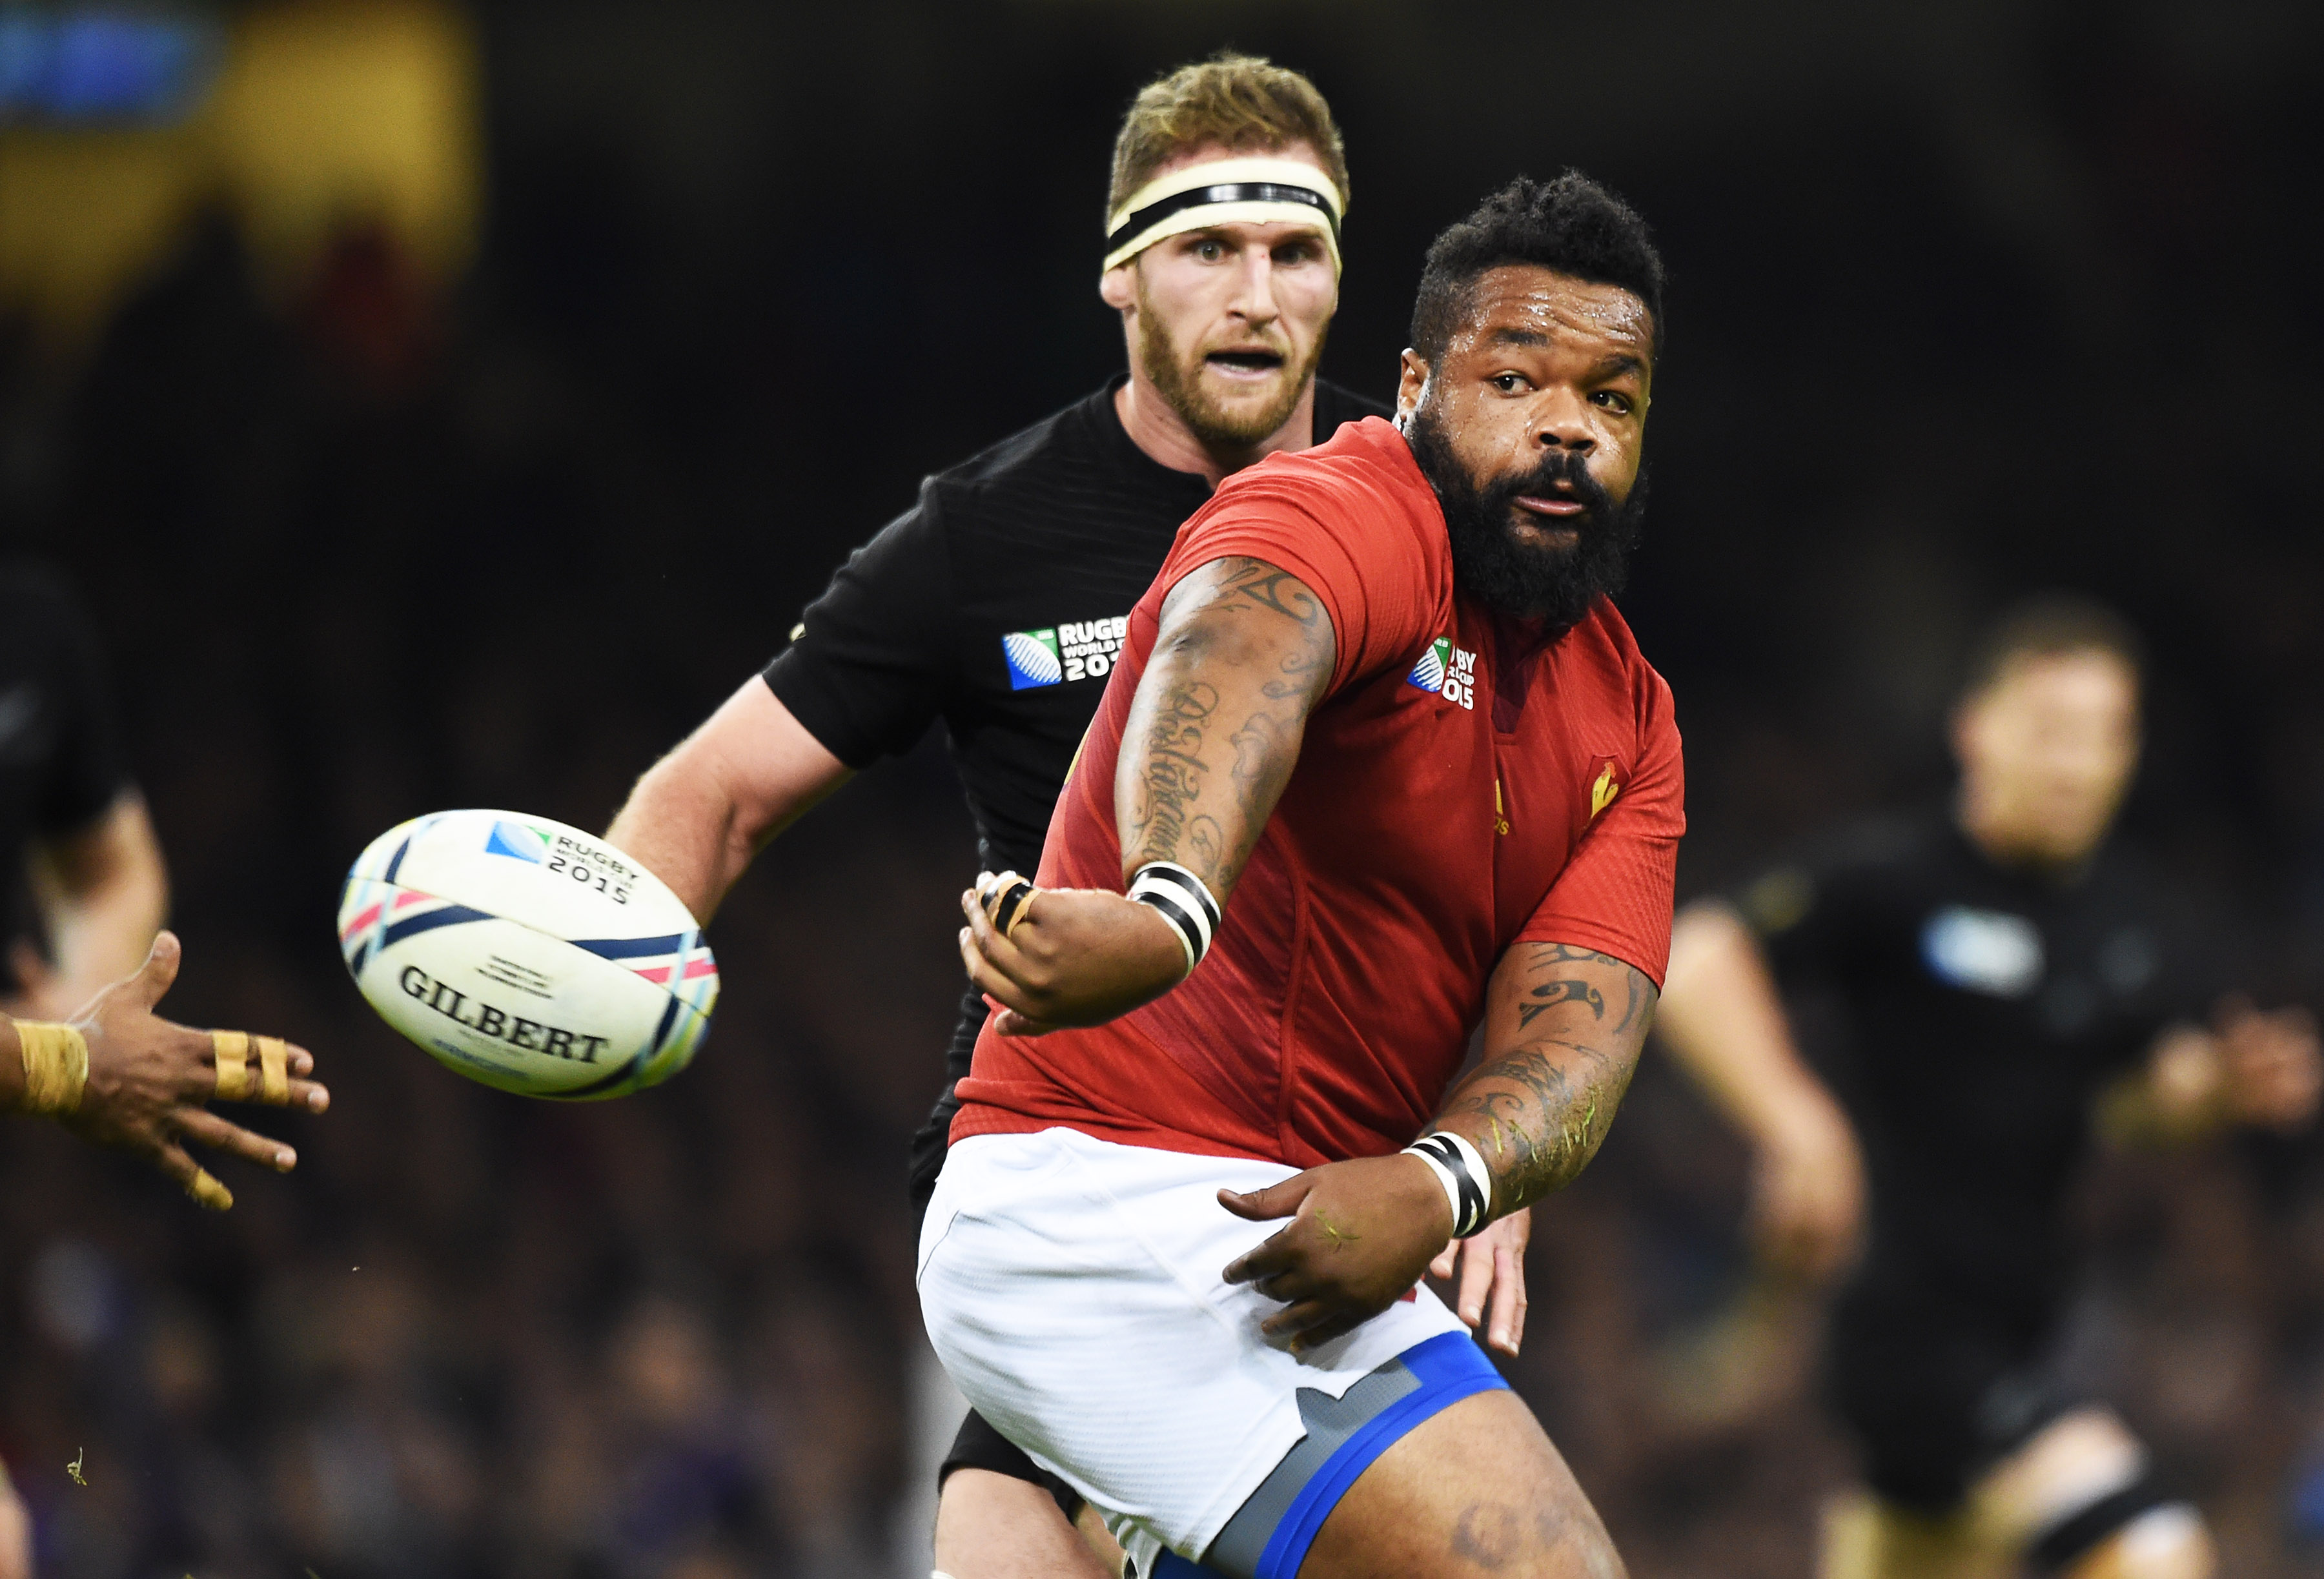 Rugby - XV de France - Chavancy forfait, Novès décide de relancer Bastareaud